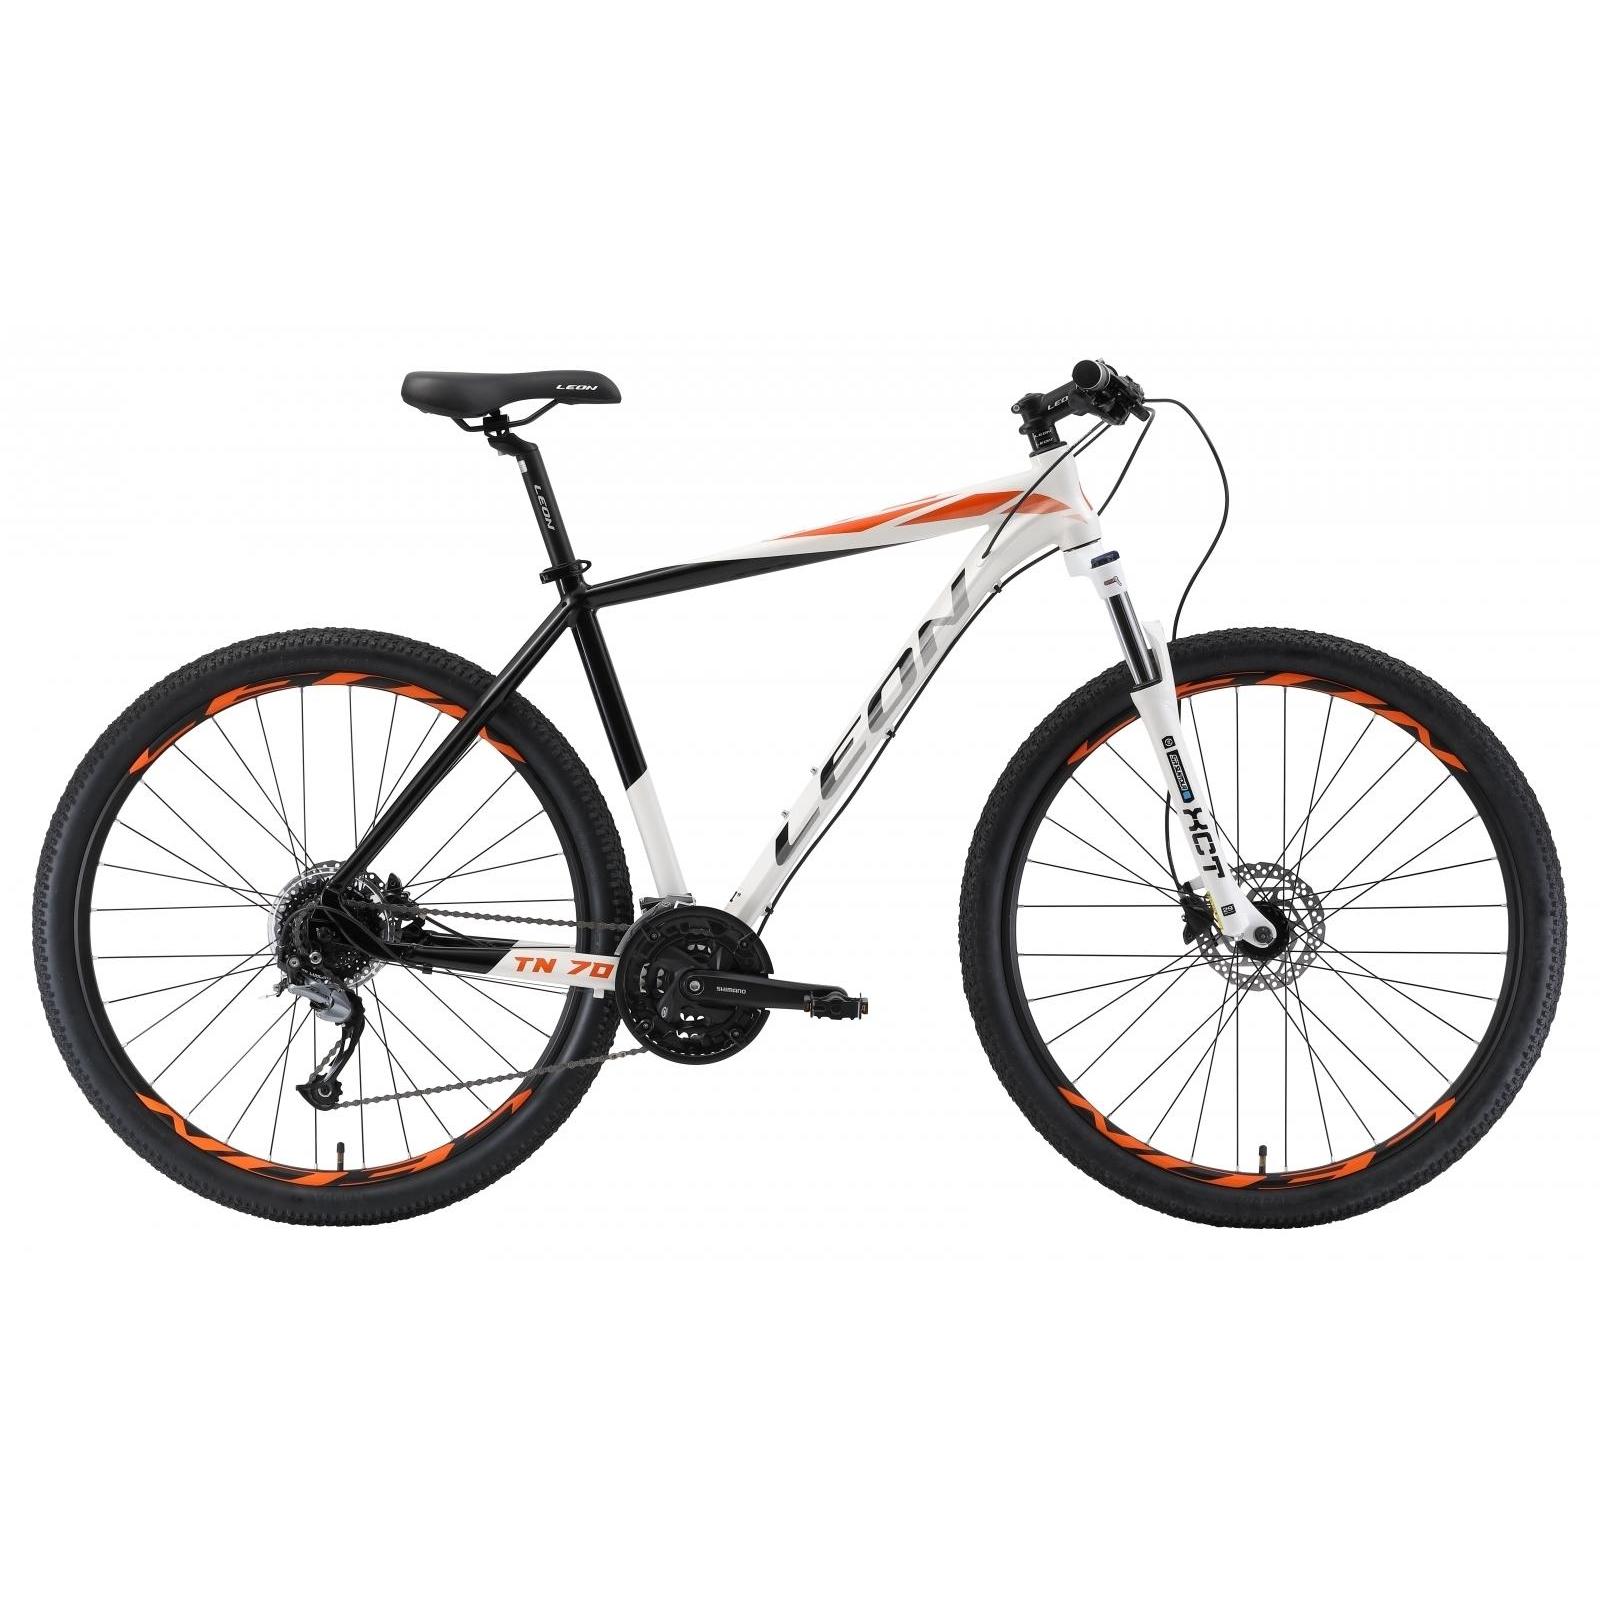 """Велосипед Leon 29"""" TN-70 2018 AM Hydraulic lock out 14G HDD рама-21"""" Al (OPS-LN-29-046)"""